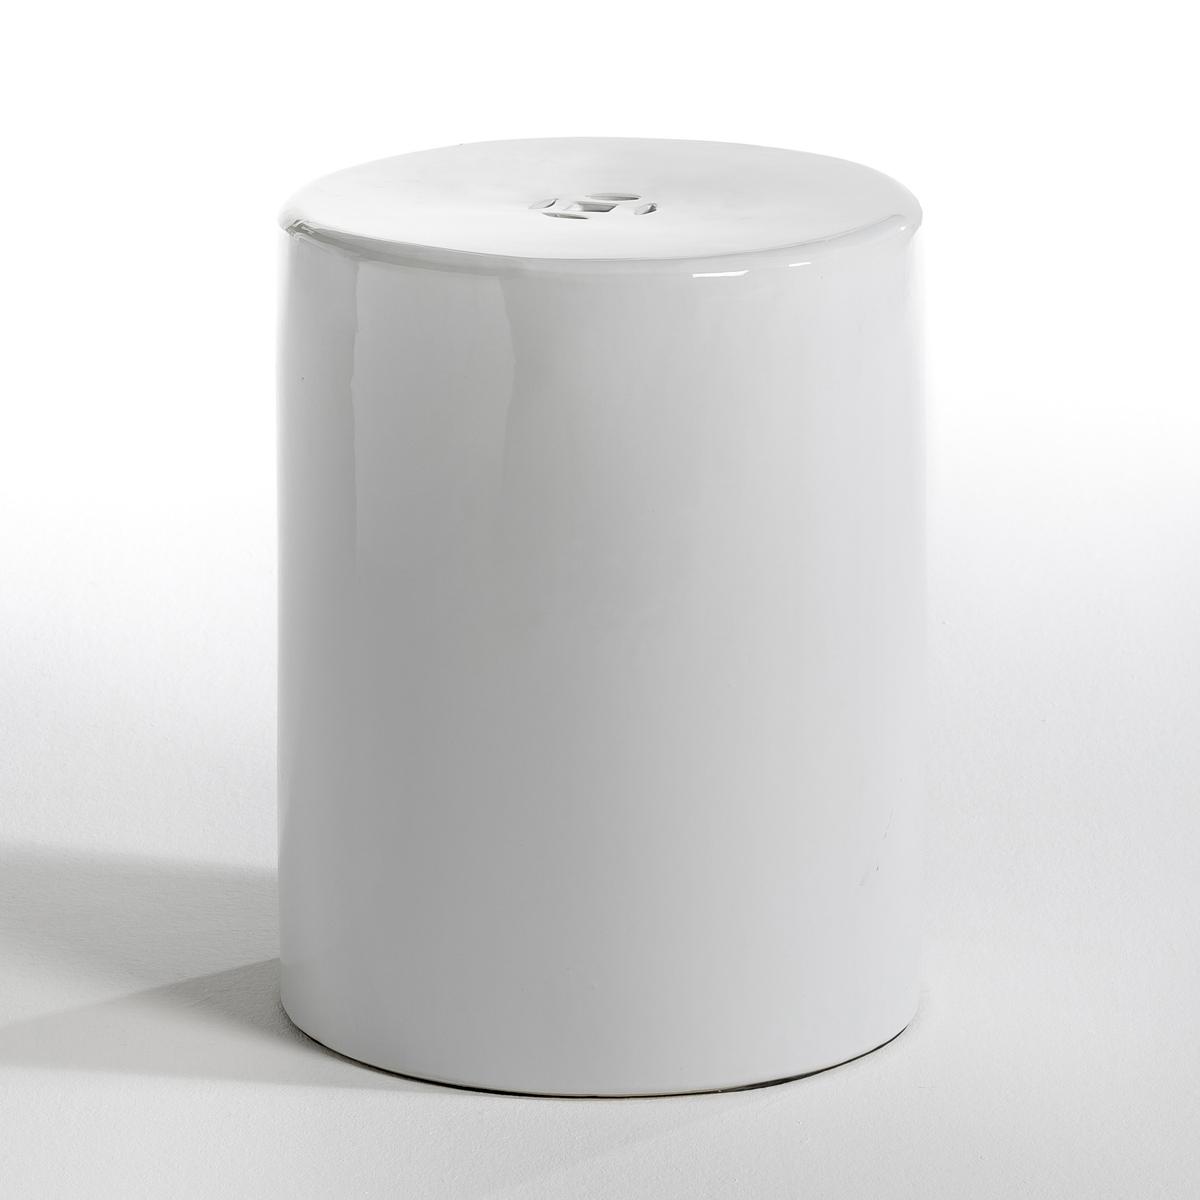 Столик TelaЖурнальный столик в зале или прикроватный - в комнате, он будет выглядеть стильно благодаря своей цилиндрической форме, создающей тепло, уют и чувственную атмосферу  .Характеристики: : - Из керамики   Размеры :- ?35 см . Высота. 46 см.<br><br>Цвет: белый,черный<br>Размер: единый размер